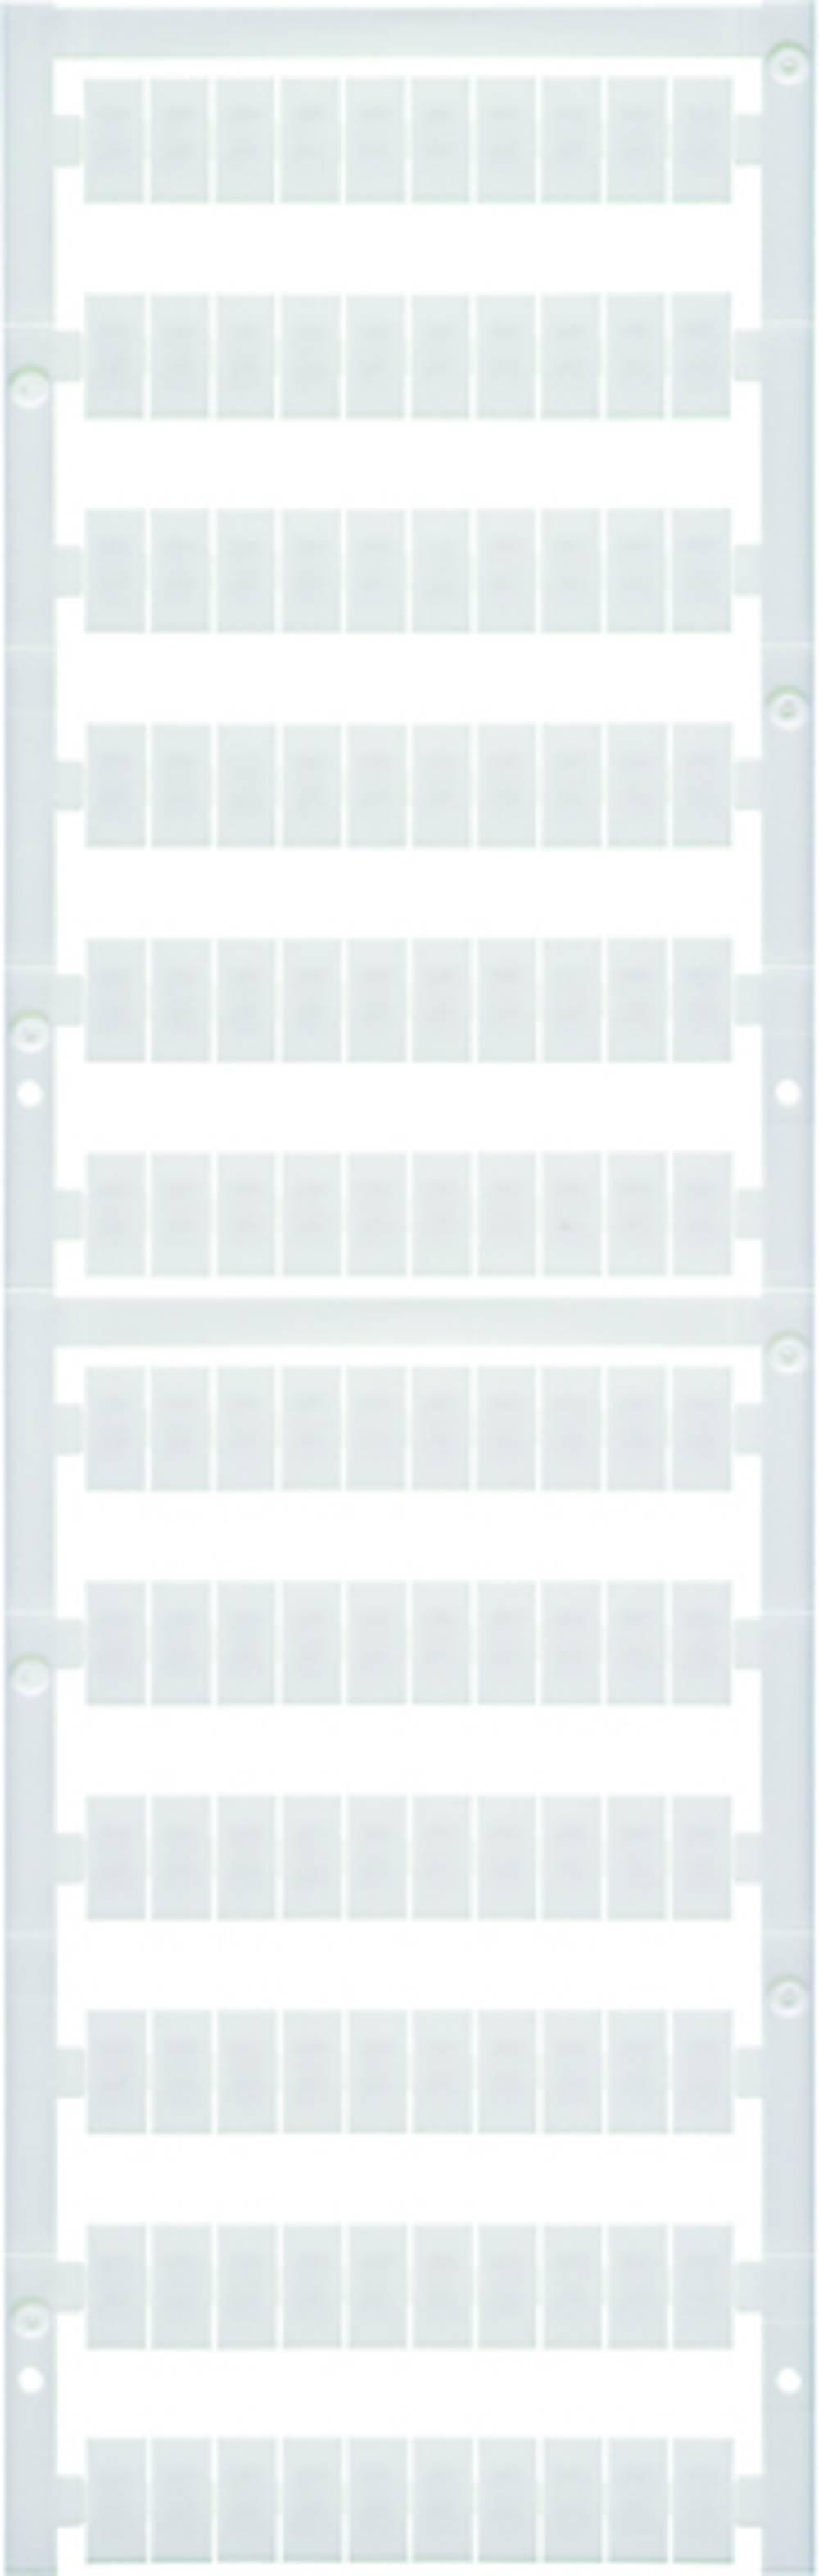 Enhed markører MultiCard WS 12/6 PLUS MC NEUTRAL 1927530000 Hvid Weidmüller 600 stk